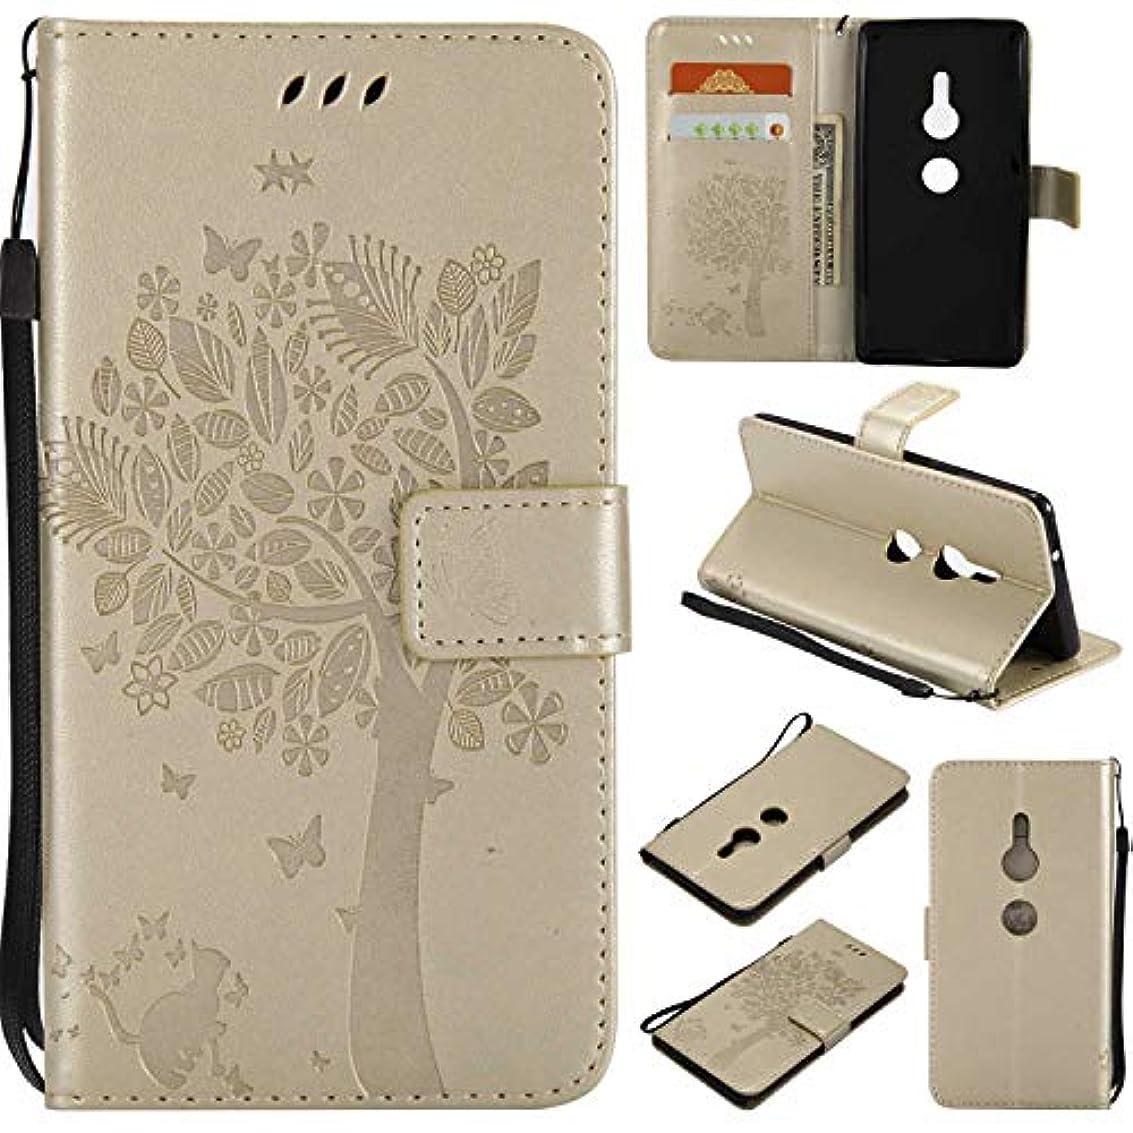 十代の若者たち談話確認してくださいOMATENTI Sony Xperia XZ2 ケース 手帳型ケース ウォレット型 カード収納 ストラップ付き 高級感PUレザー 押し花木柄 落下防止 財布型 カバー Sony Xperia XZ2 用 Case Cover, 白